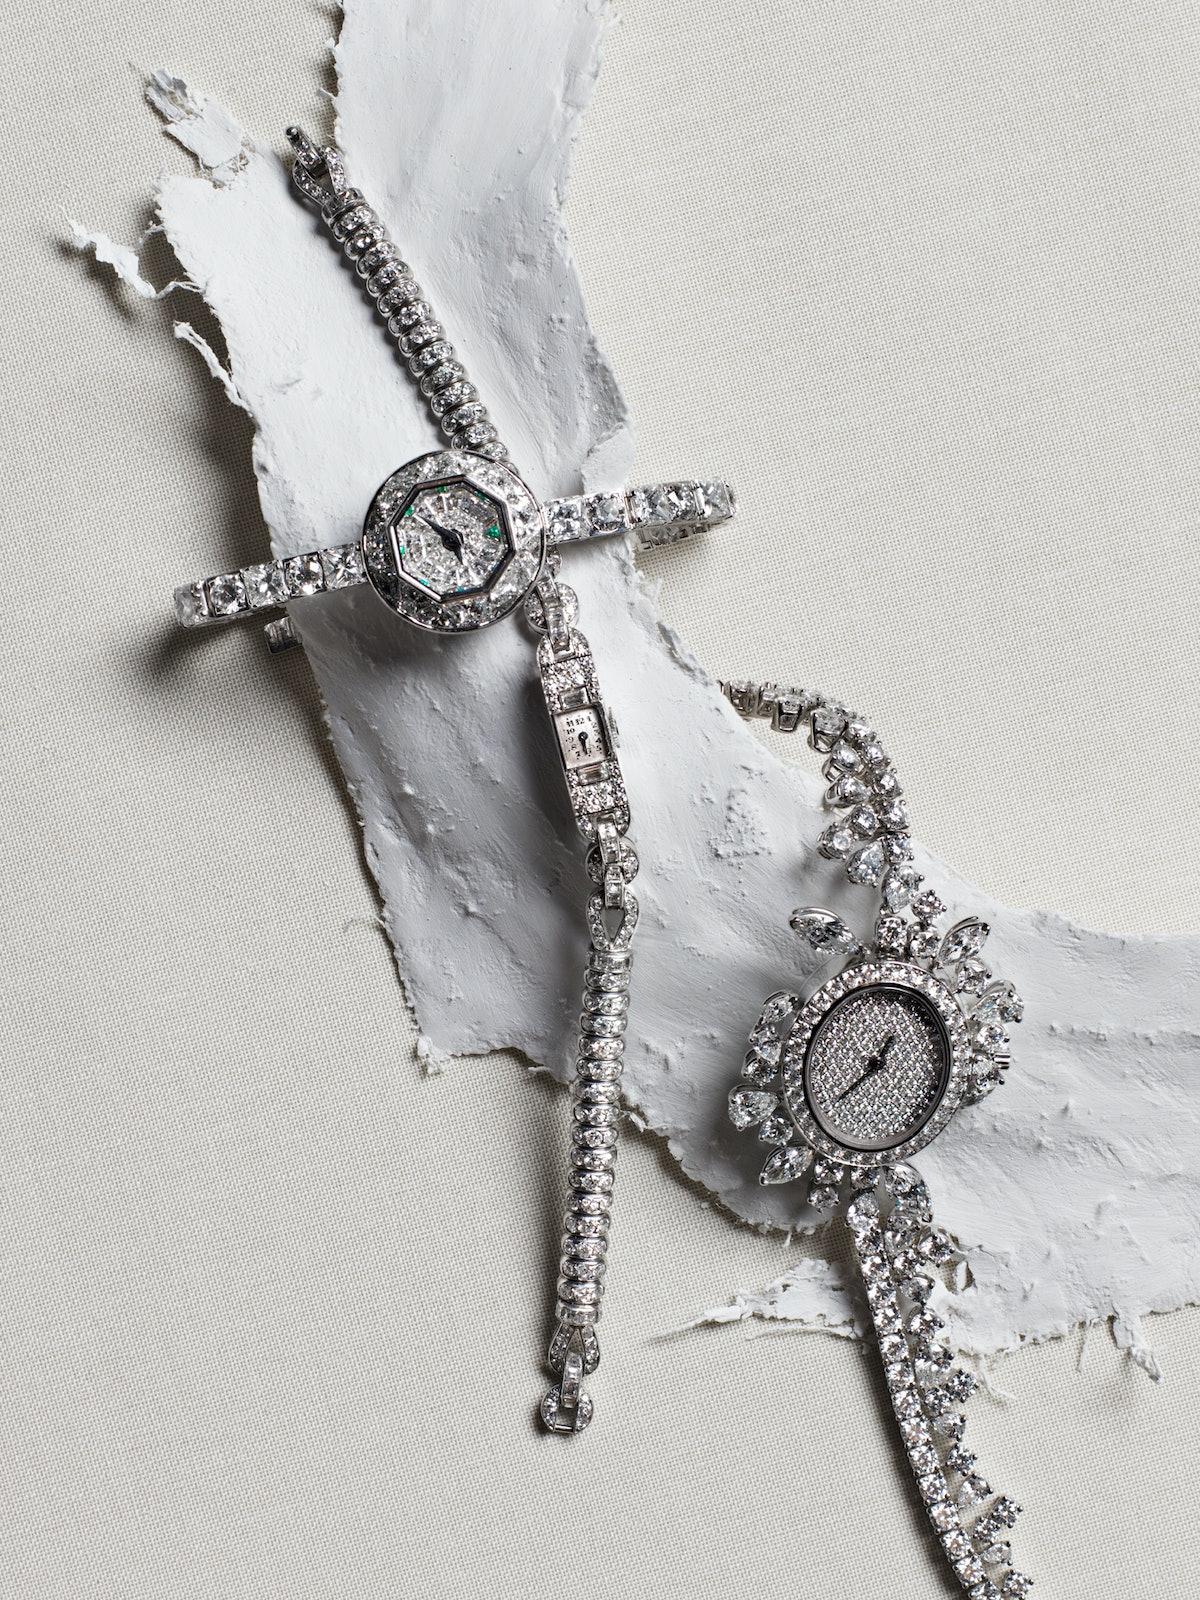 Audemars Piguet from Stephen Russell circa 1920 platinum and diamond watch